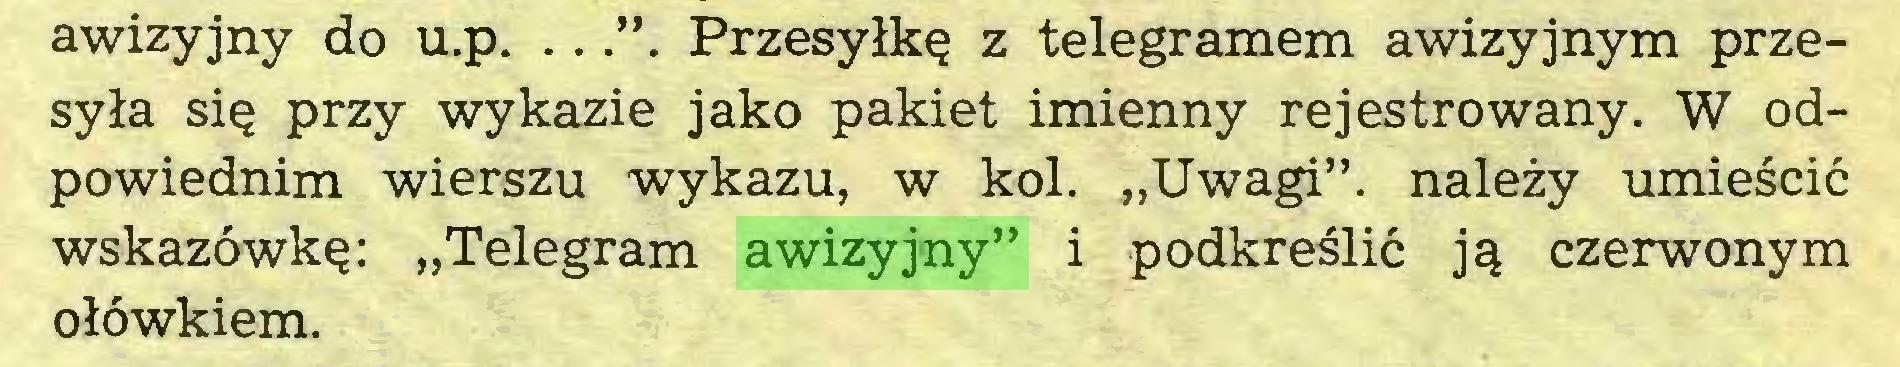 """(...) awizyjny do u.p. ..."""". Przesyłkę z telegramem awizyjnym przesyła się przy wykazie jako pakiet imienny rejestrowany. W odpowiednim wierszu wykazu, w kol. """"Uwagi"""", należy umieścić wskazówkę: """"Telegram awizyjny"""" i podkreślić ją czerwonym ołówkiem..."""